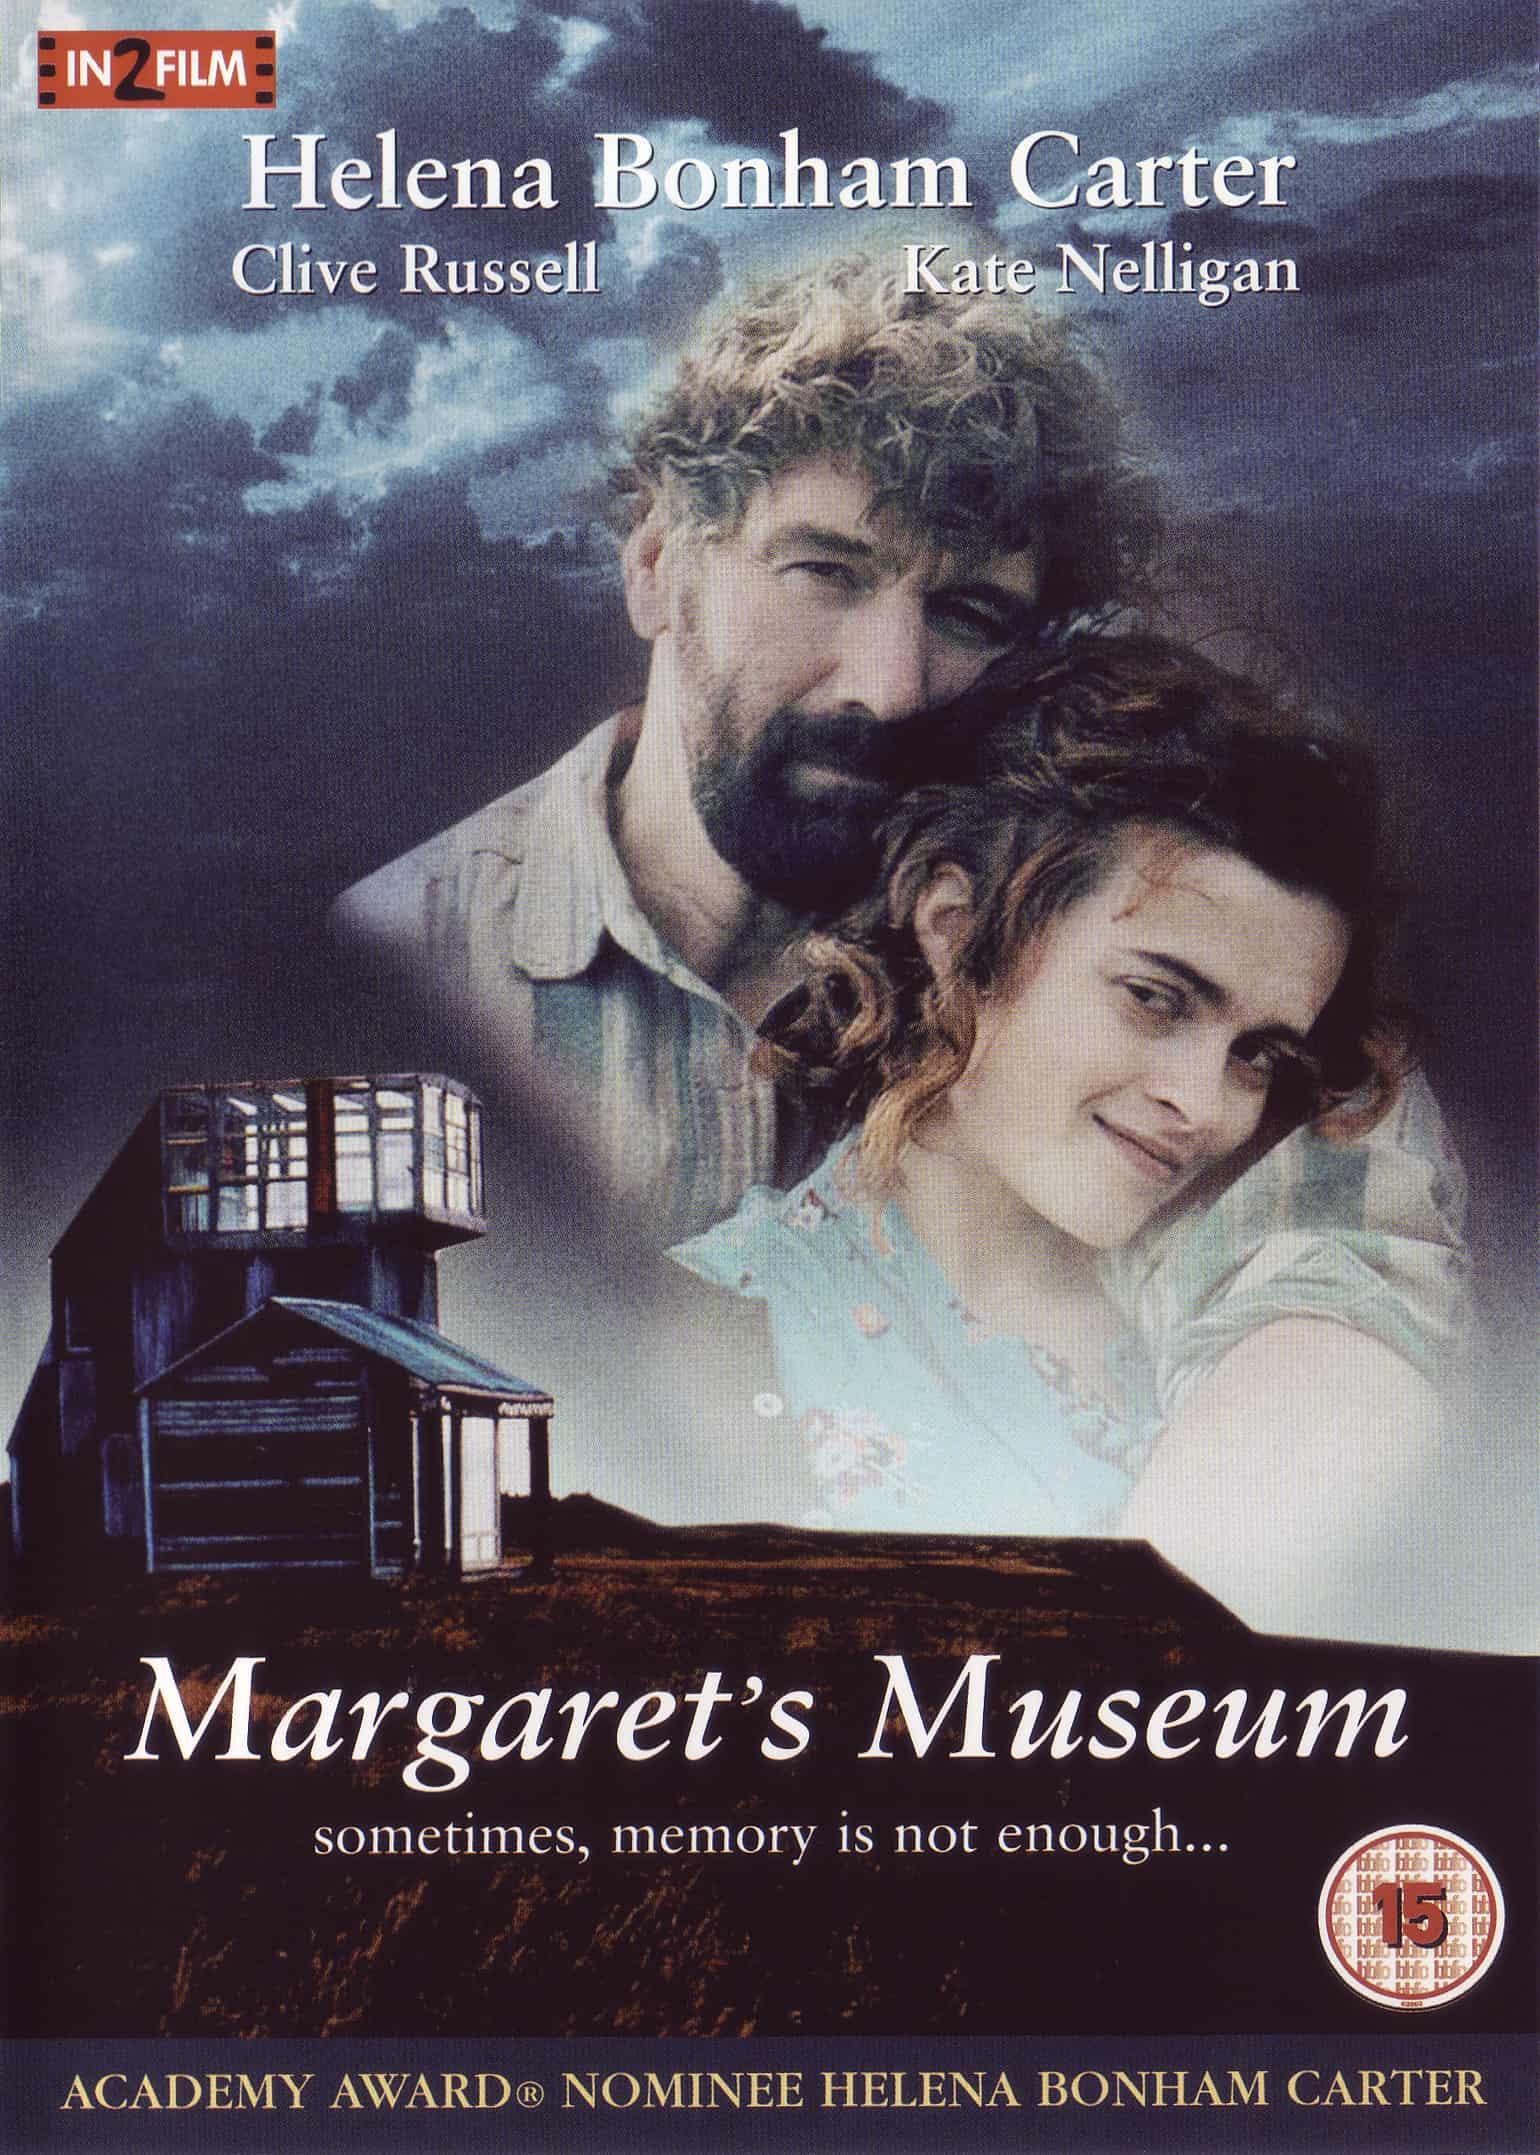 Margaret's Museum, 1995